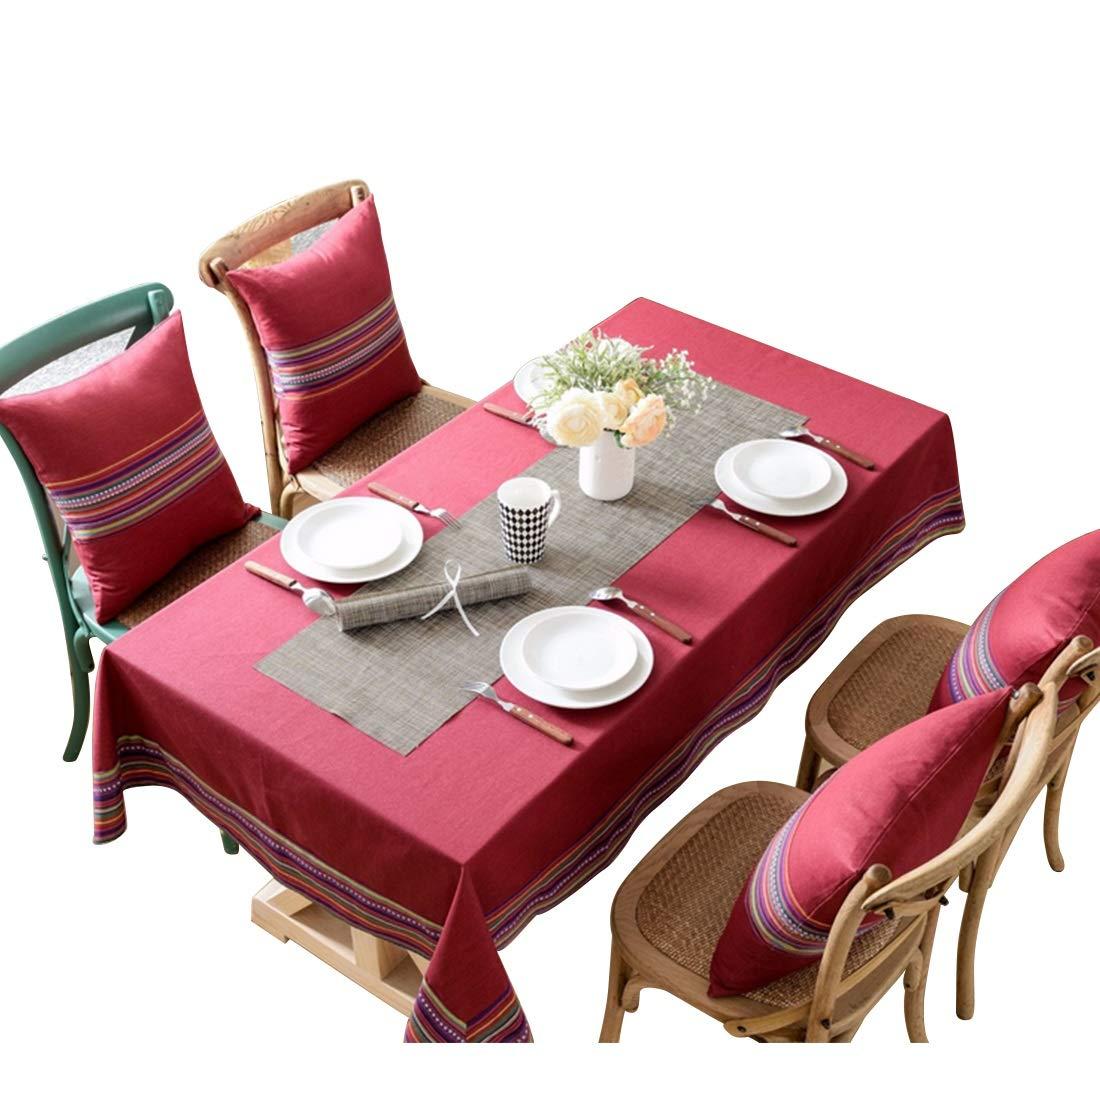 JPAKIOS コットンテーブルクロス、1パックシンプルな長方形テーブルディナー用テーブルカバークリップ (Color : レッド, サイズ : 200*140) 200*140 レッド B07Q285544